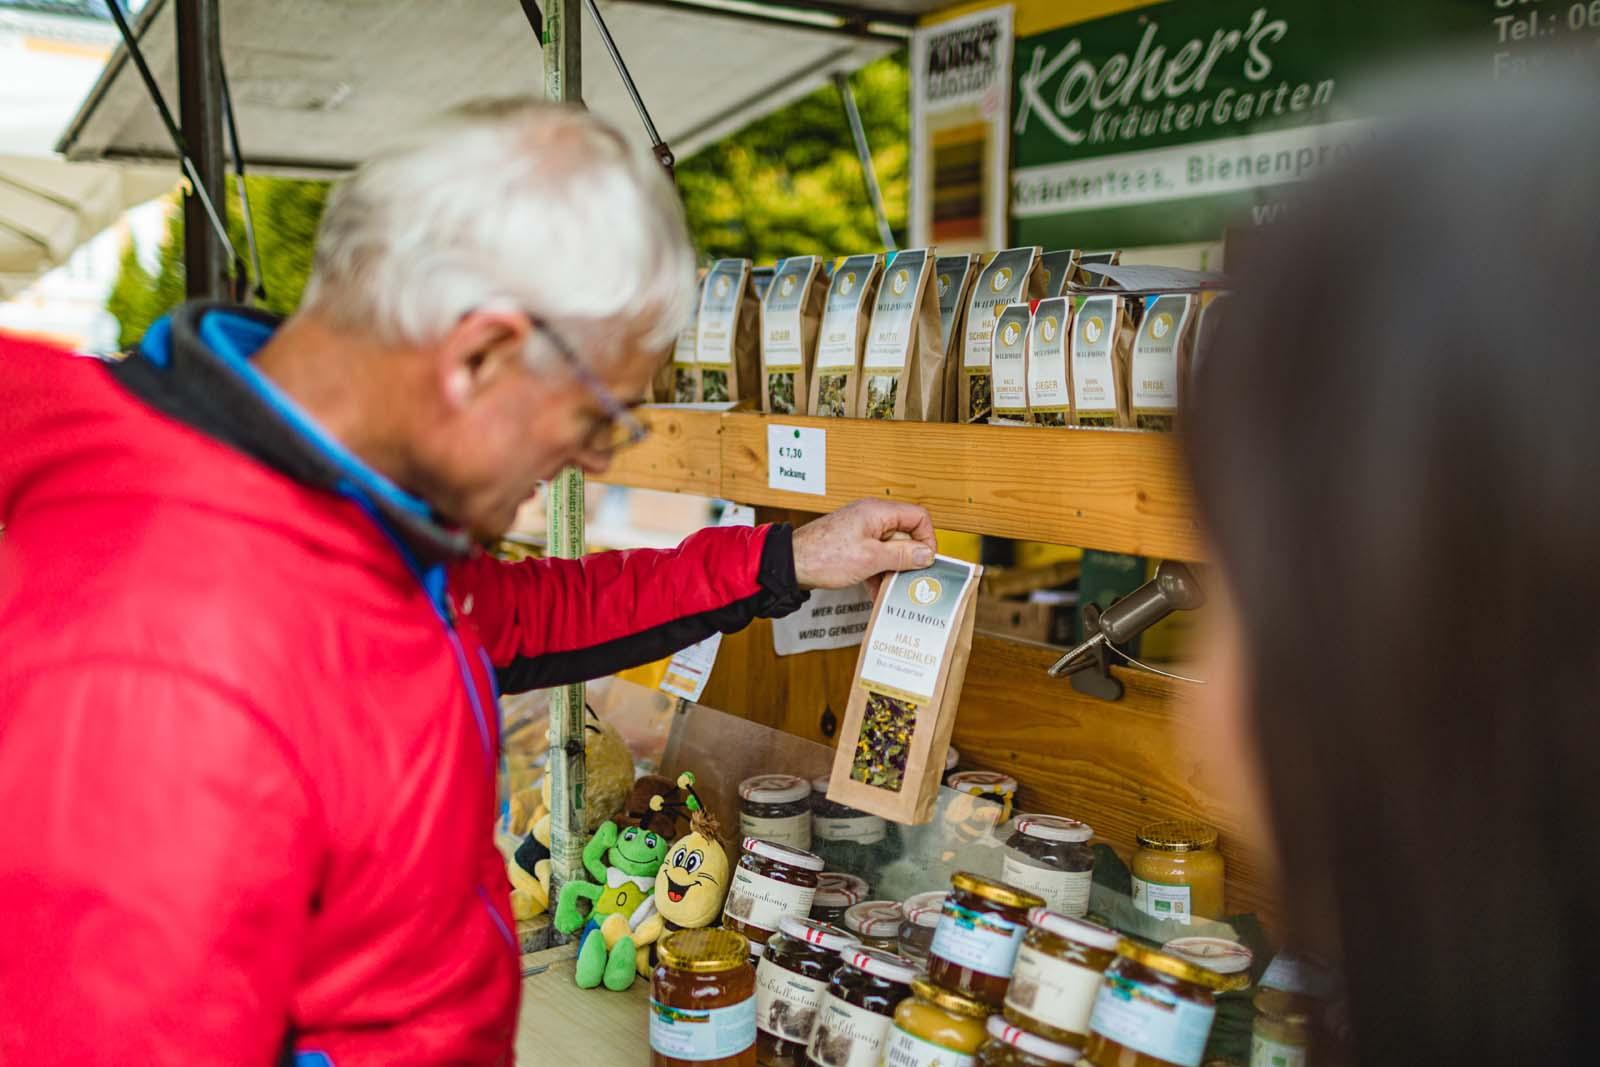 Auch Tee-Spezialitäten kann man am Radstädter Wochenmarkt käuflich erwerben.